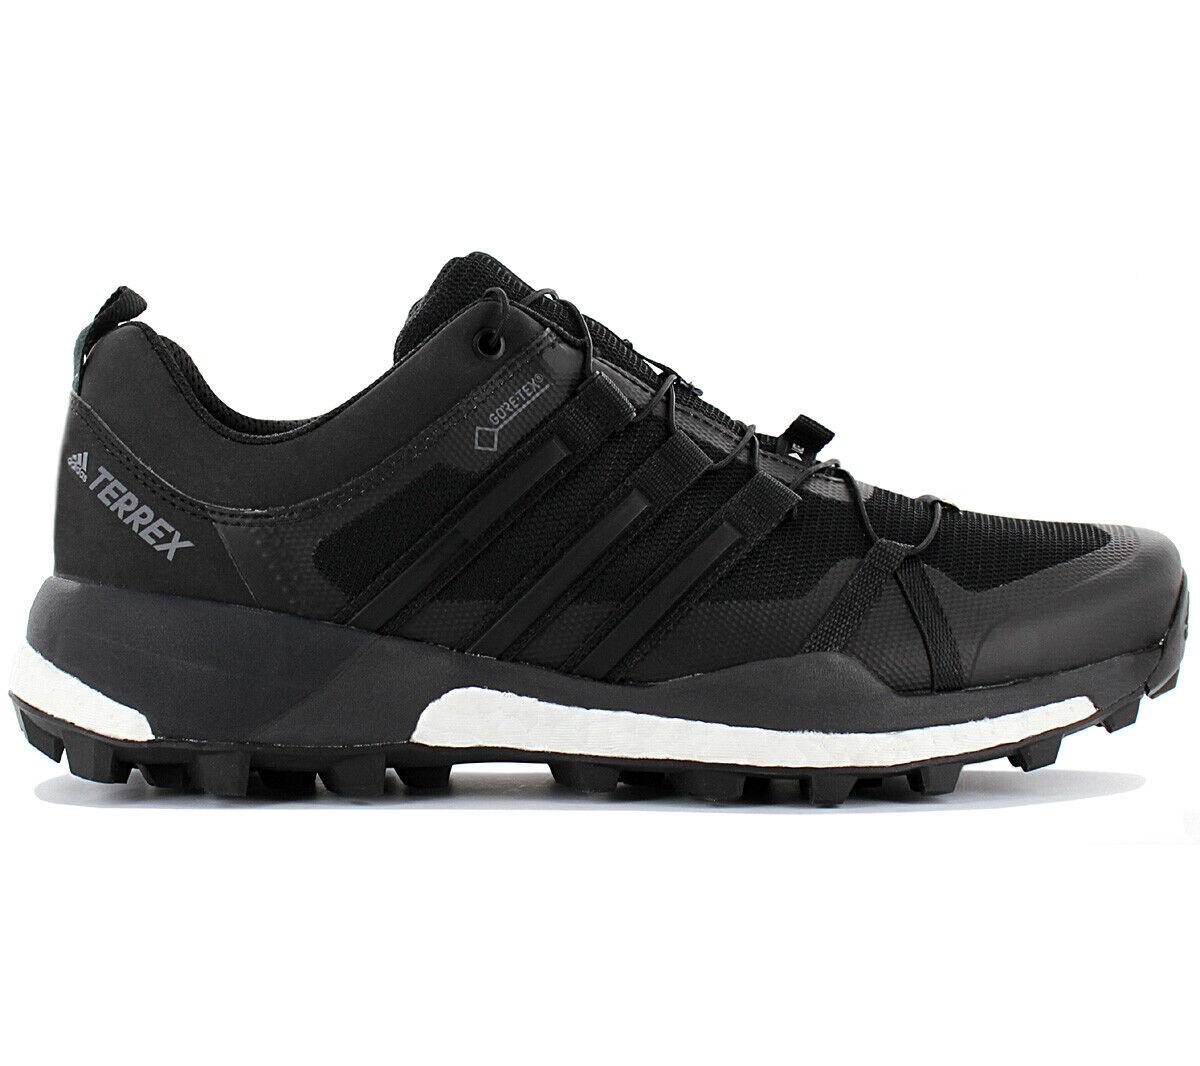 Adidas Terrex skychaser Boost GTX Gore-Tex hommes des Rangers cq1742 chaussures Neuf